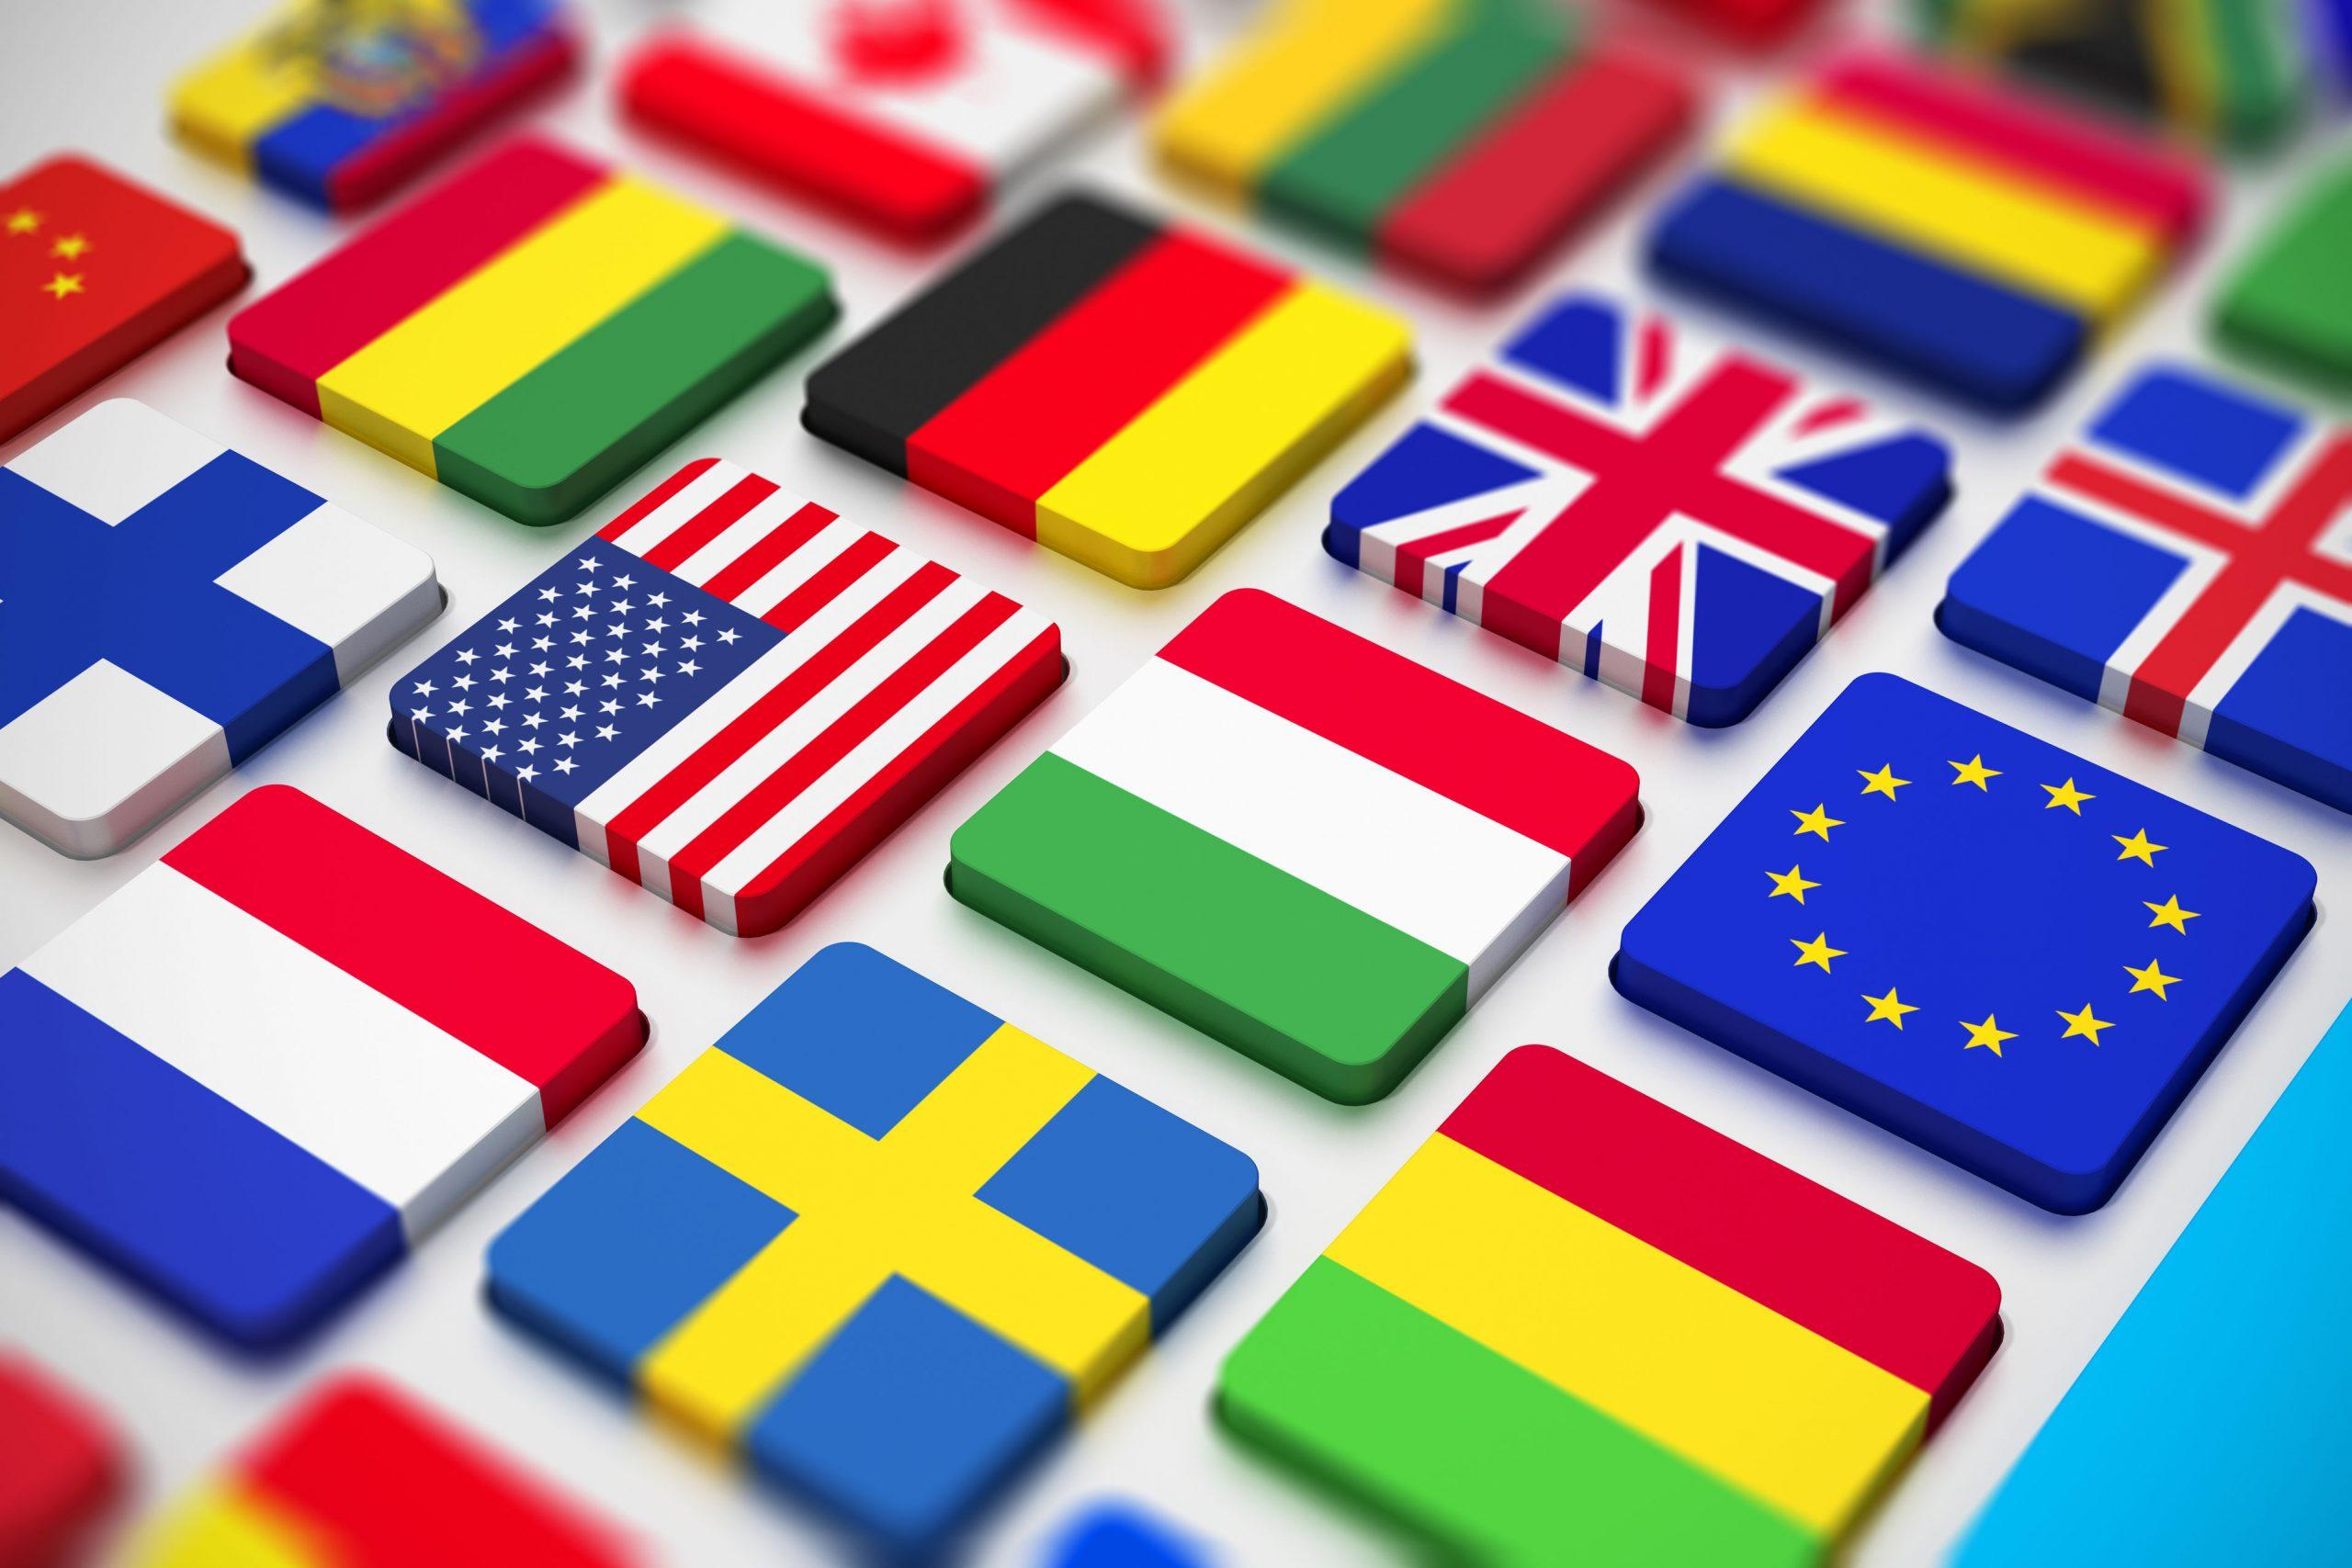 Bạn cũng nên tham khảo nhiều công ty dịch thuật khác nhau bởi mỗi công ty có mức chênh lệch về giá